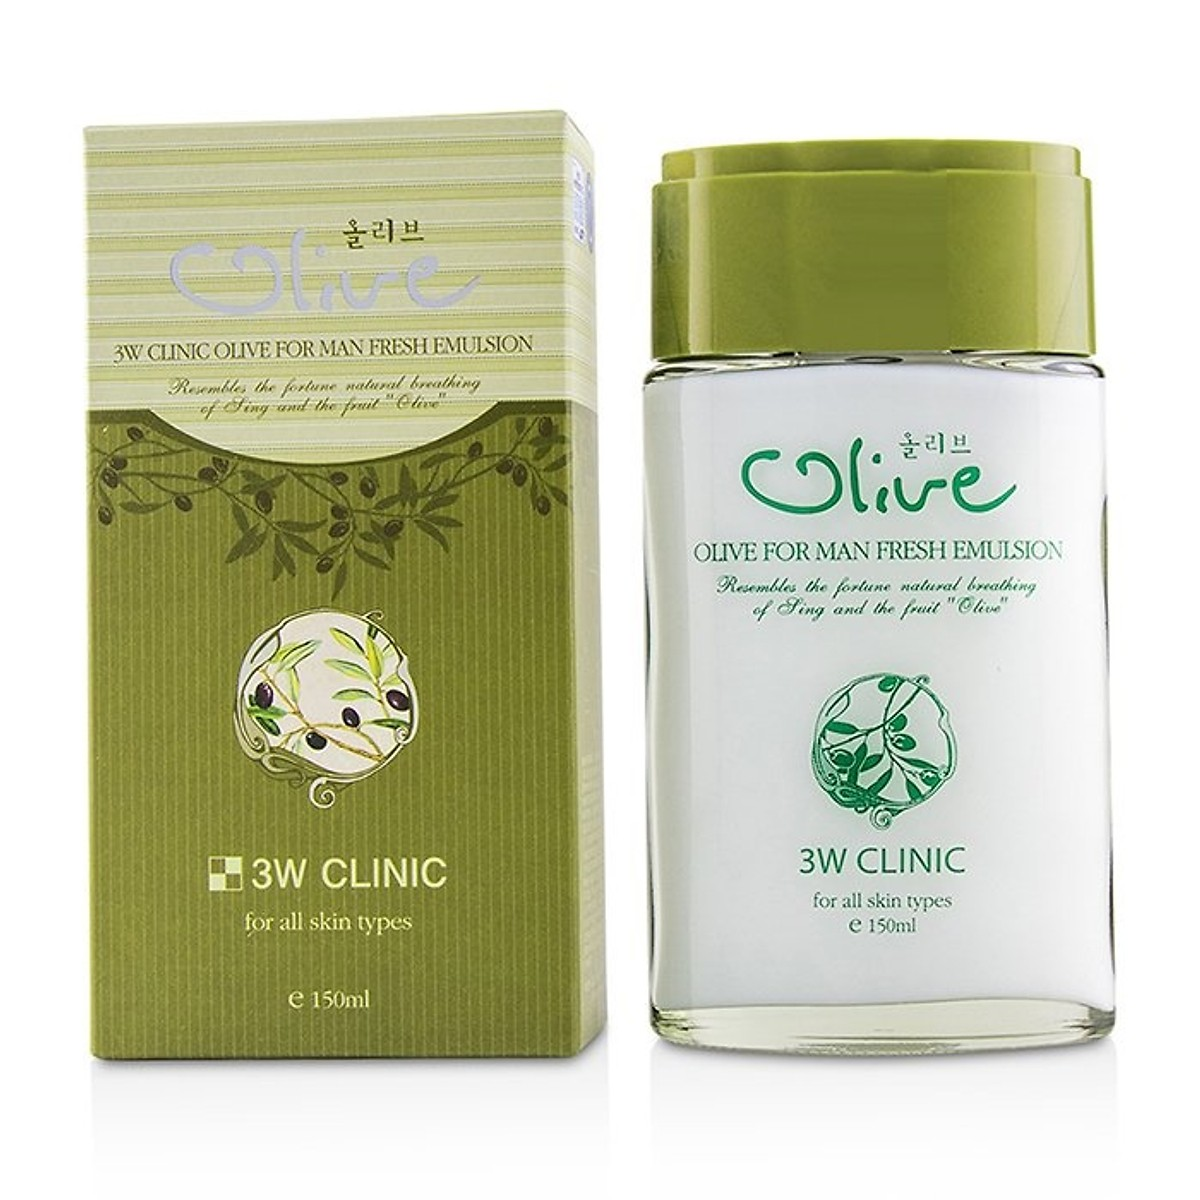 Set Bộ 2 sản phẩm dưỡng trắng da nam tinh chất dầu Olive 3W CLINIC OLIVE FOR MAN SET